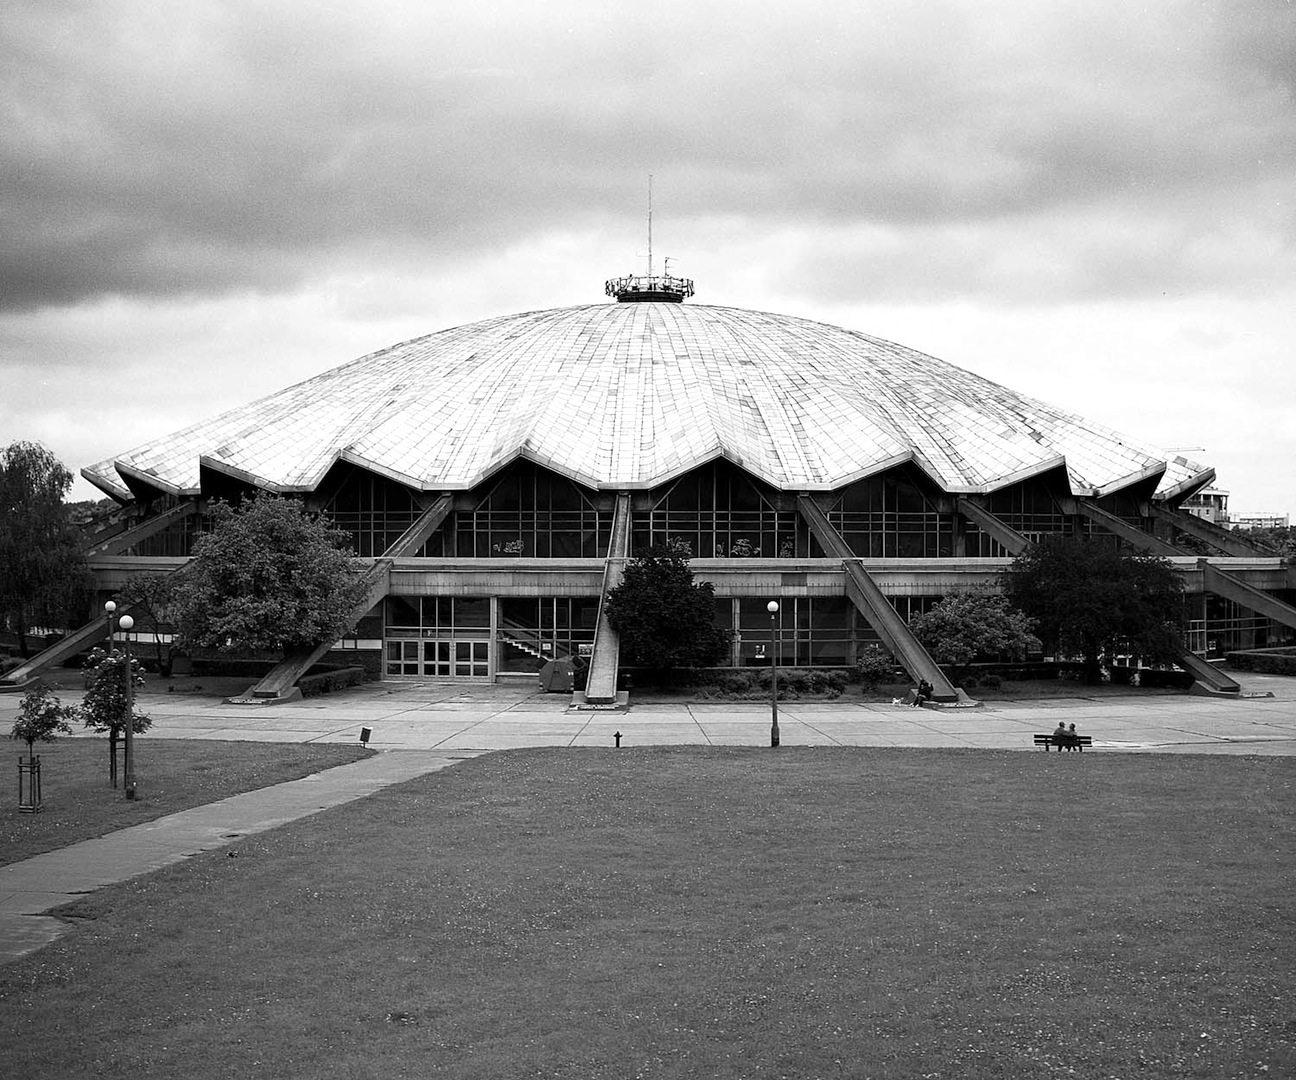 Die Mehrzweck- und Sporthalle Arena in Posen. Wyspianskistraße 33, Posen. Entworfen von Jerzy Turzeniecki, erbaut 1972–1974